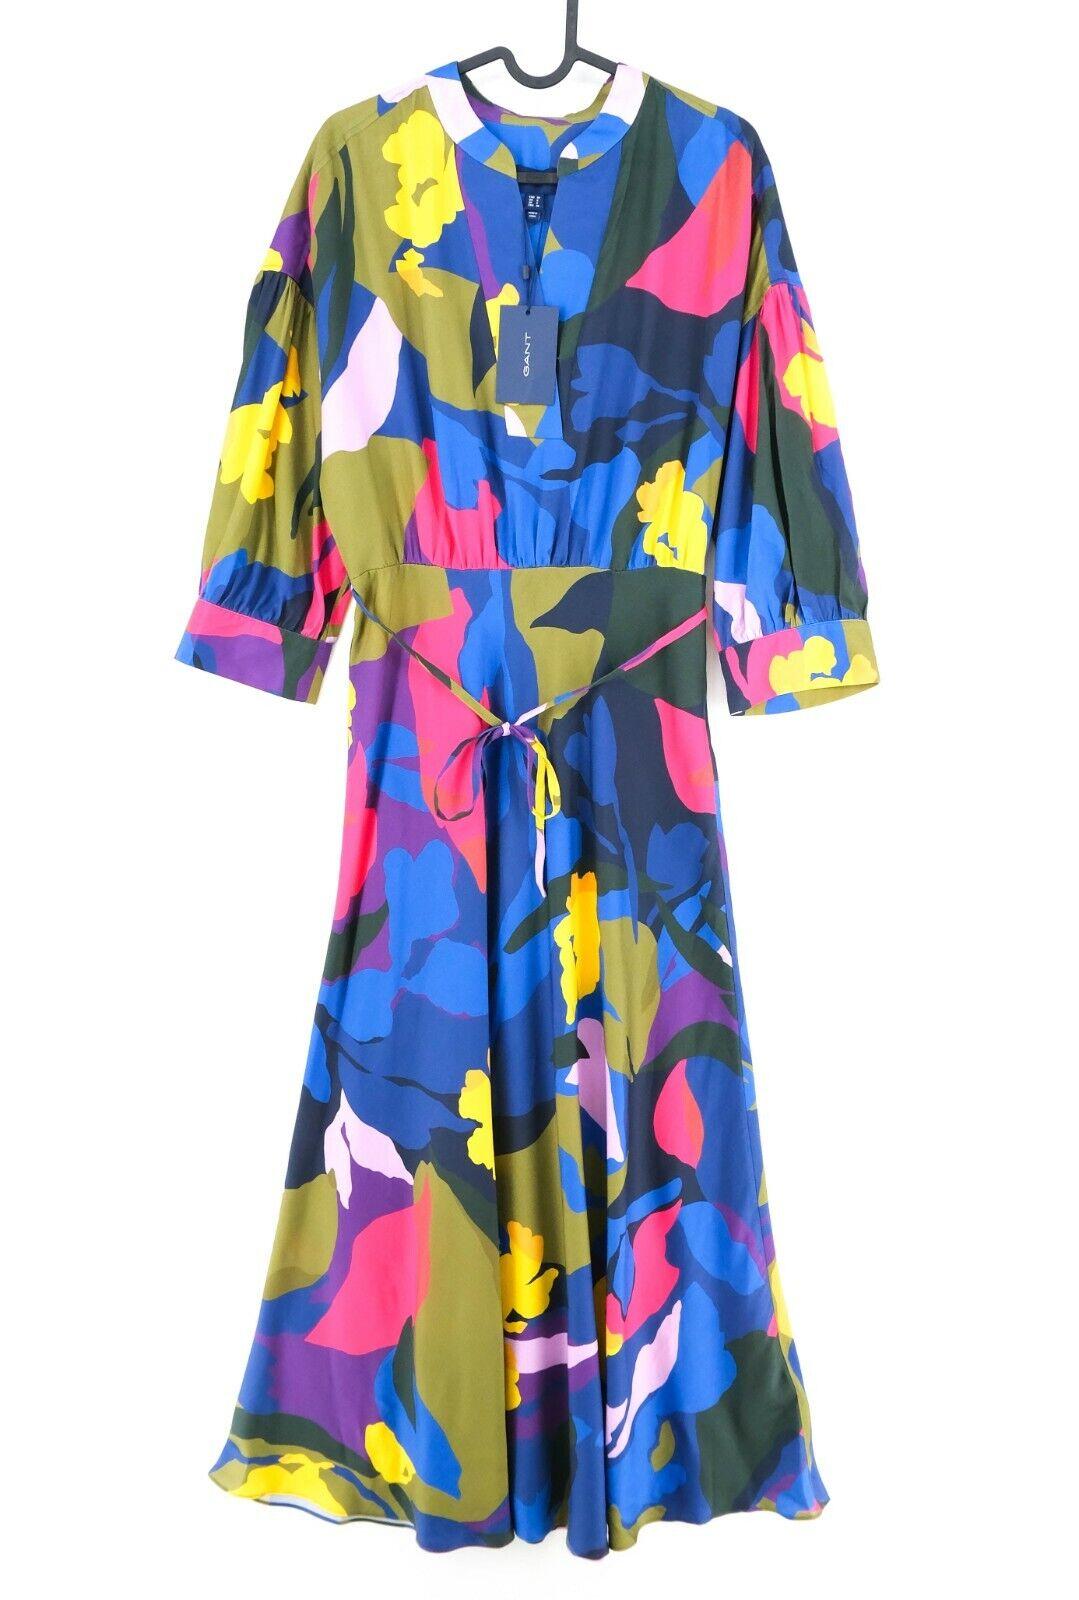 GANT Blue Splendid Floral V Neck Long Dress Size 36 EU 8 US 6